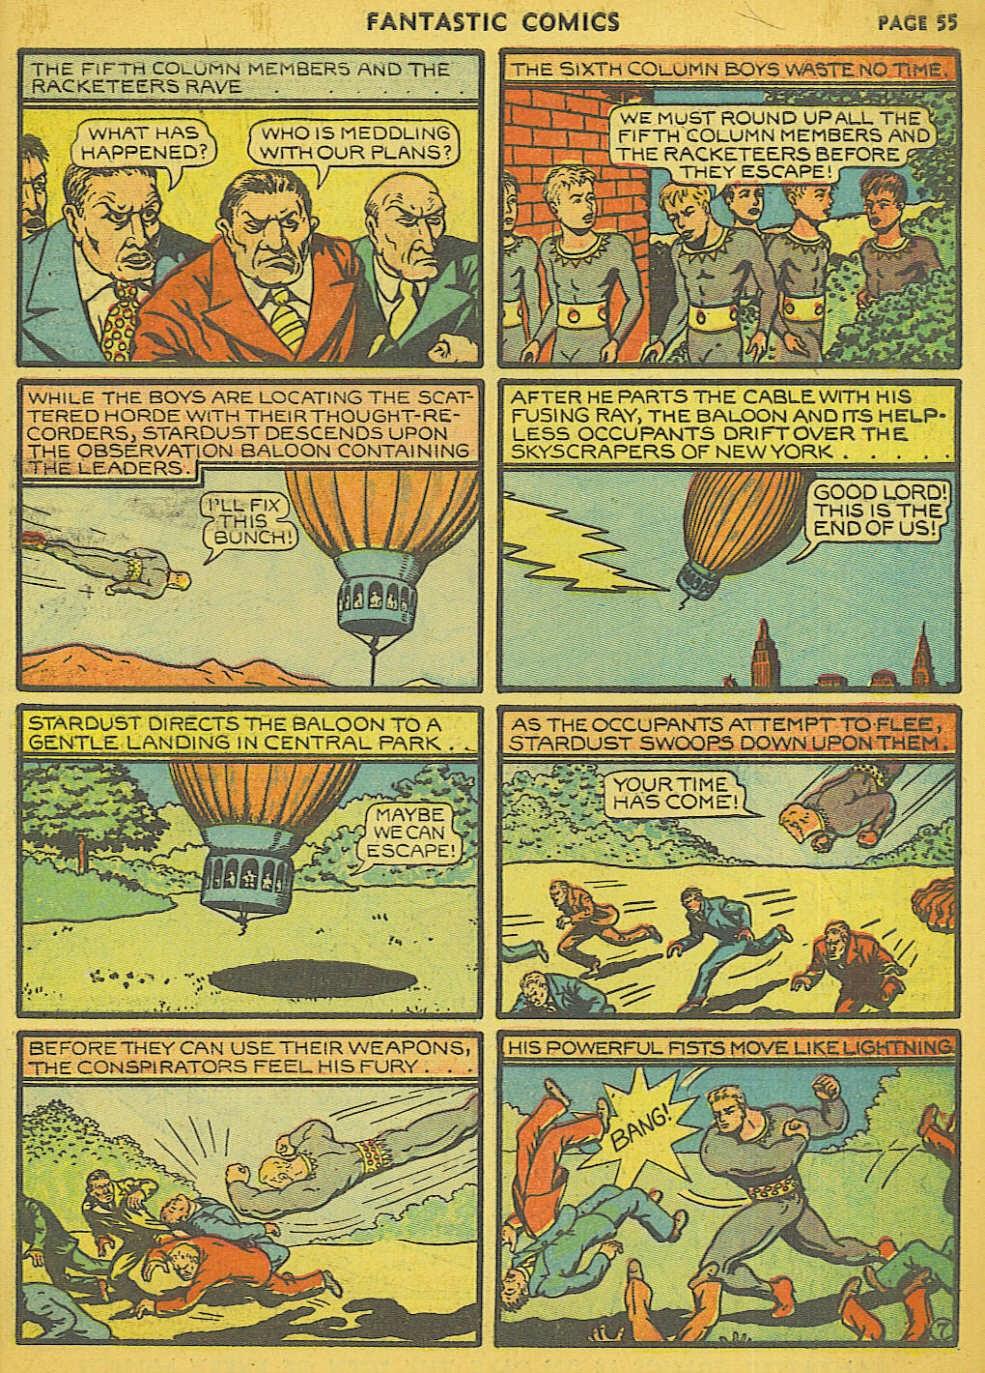 Read online Fantastic Comics comic -  Issue #15 - 50